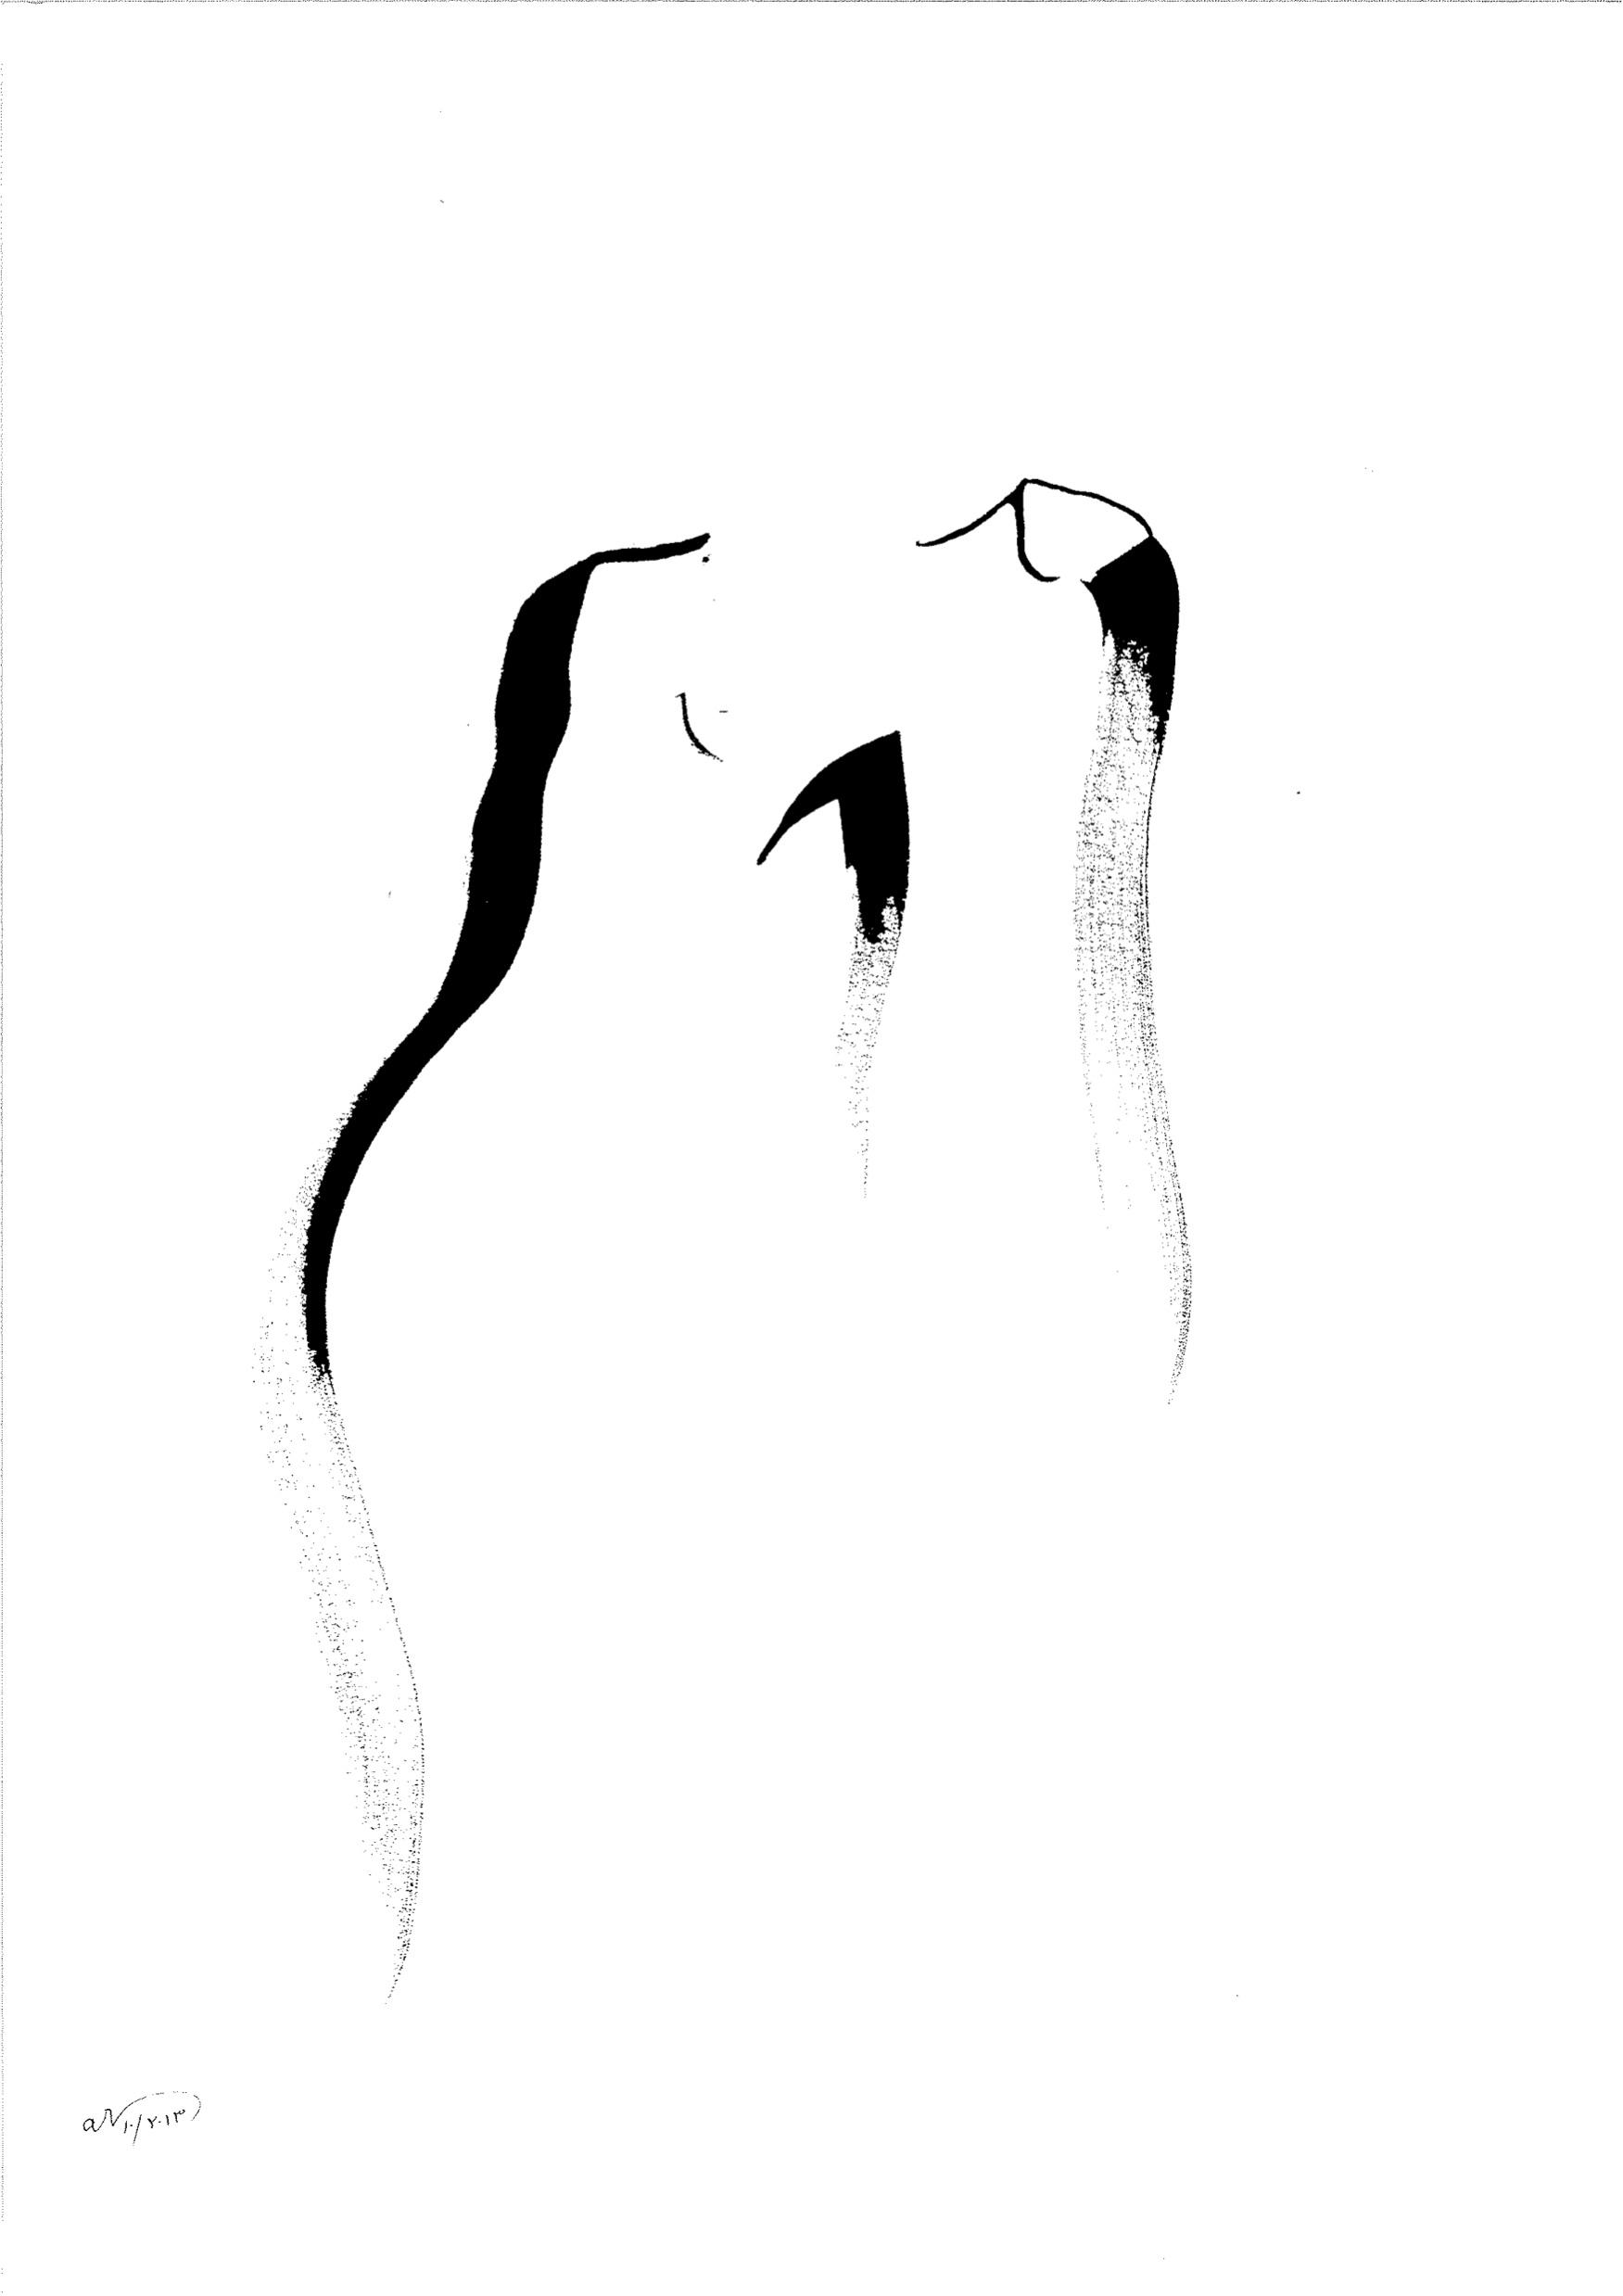 <p><span>Prophète affranchi</span>, 2013<br>Format: 58 x 47 cm</p>